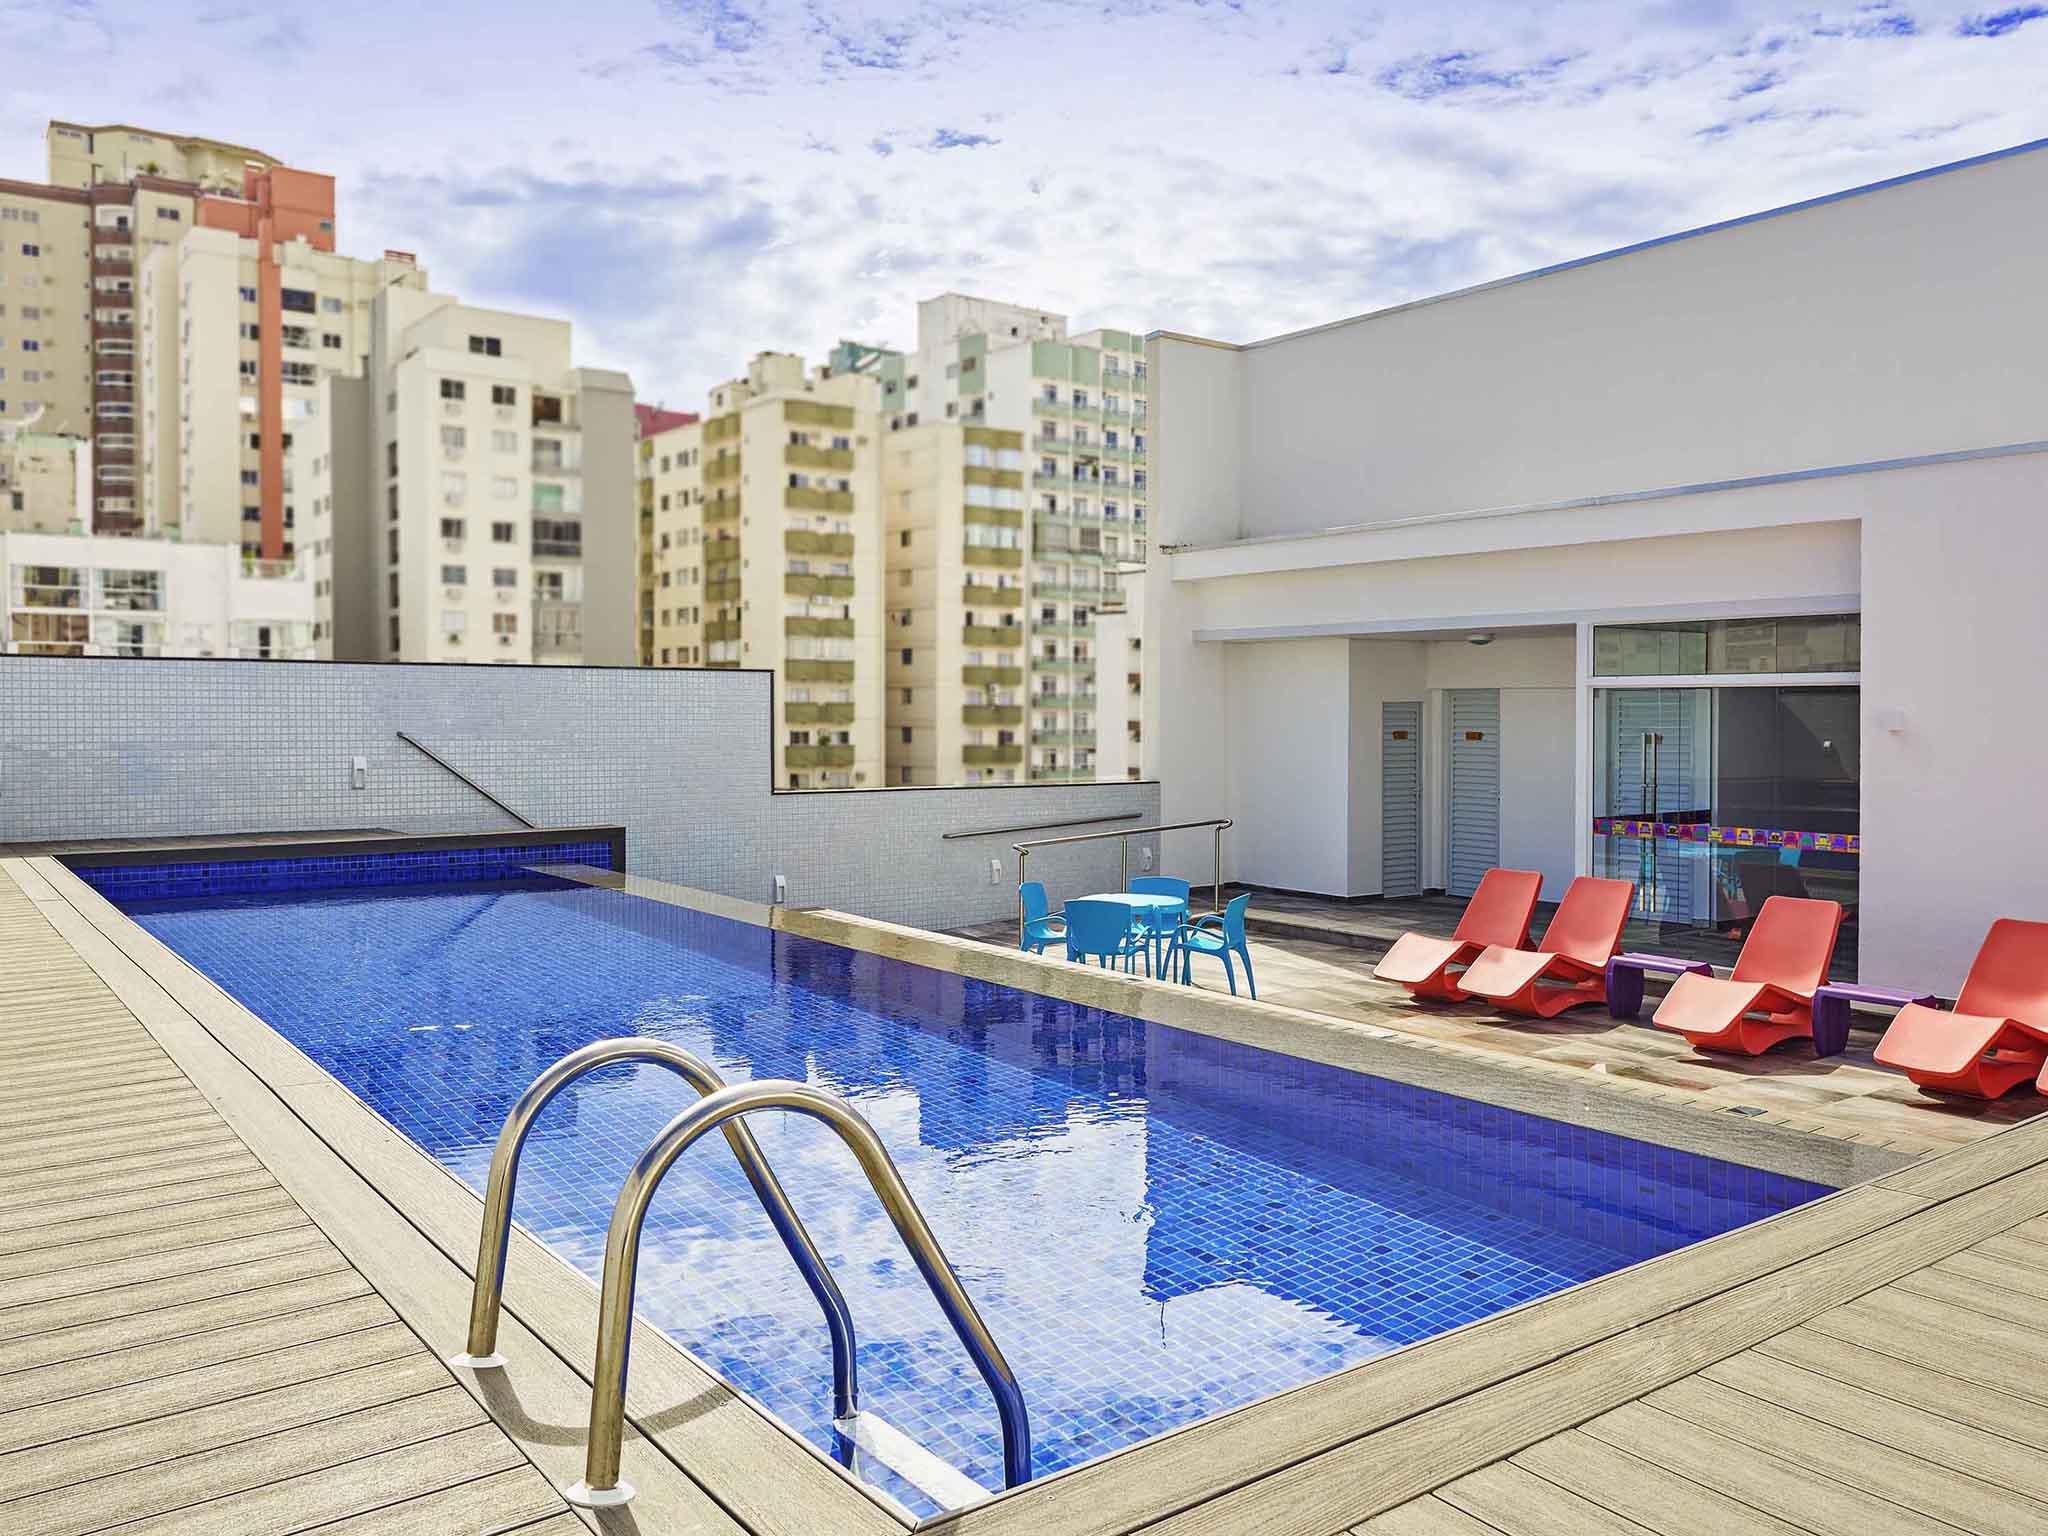 Hotel Palmas Executivo BalnearioCamboriu Brazil